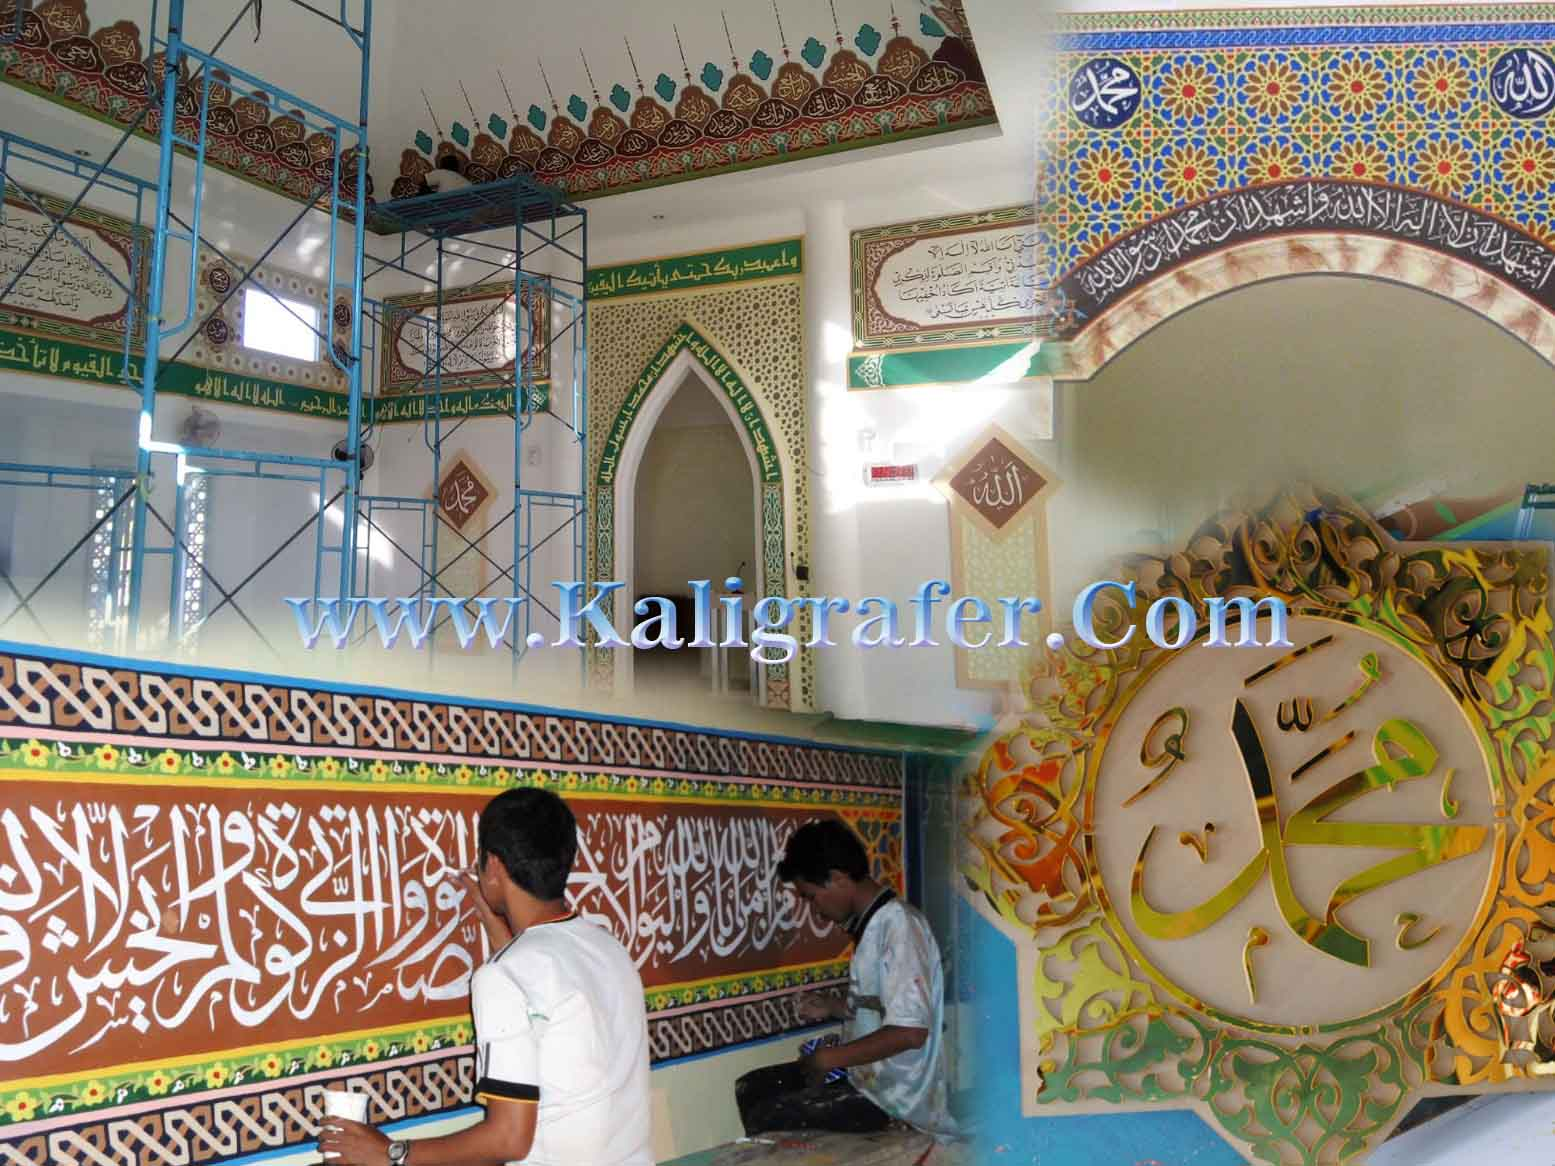 ✔️ Jasa Kaligrafi | ✔️ Kaligrafi Masjid | ✔️ Ornamen GRC | 4